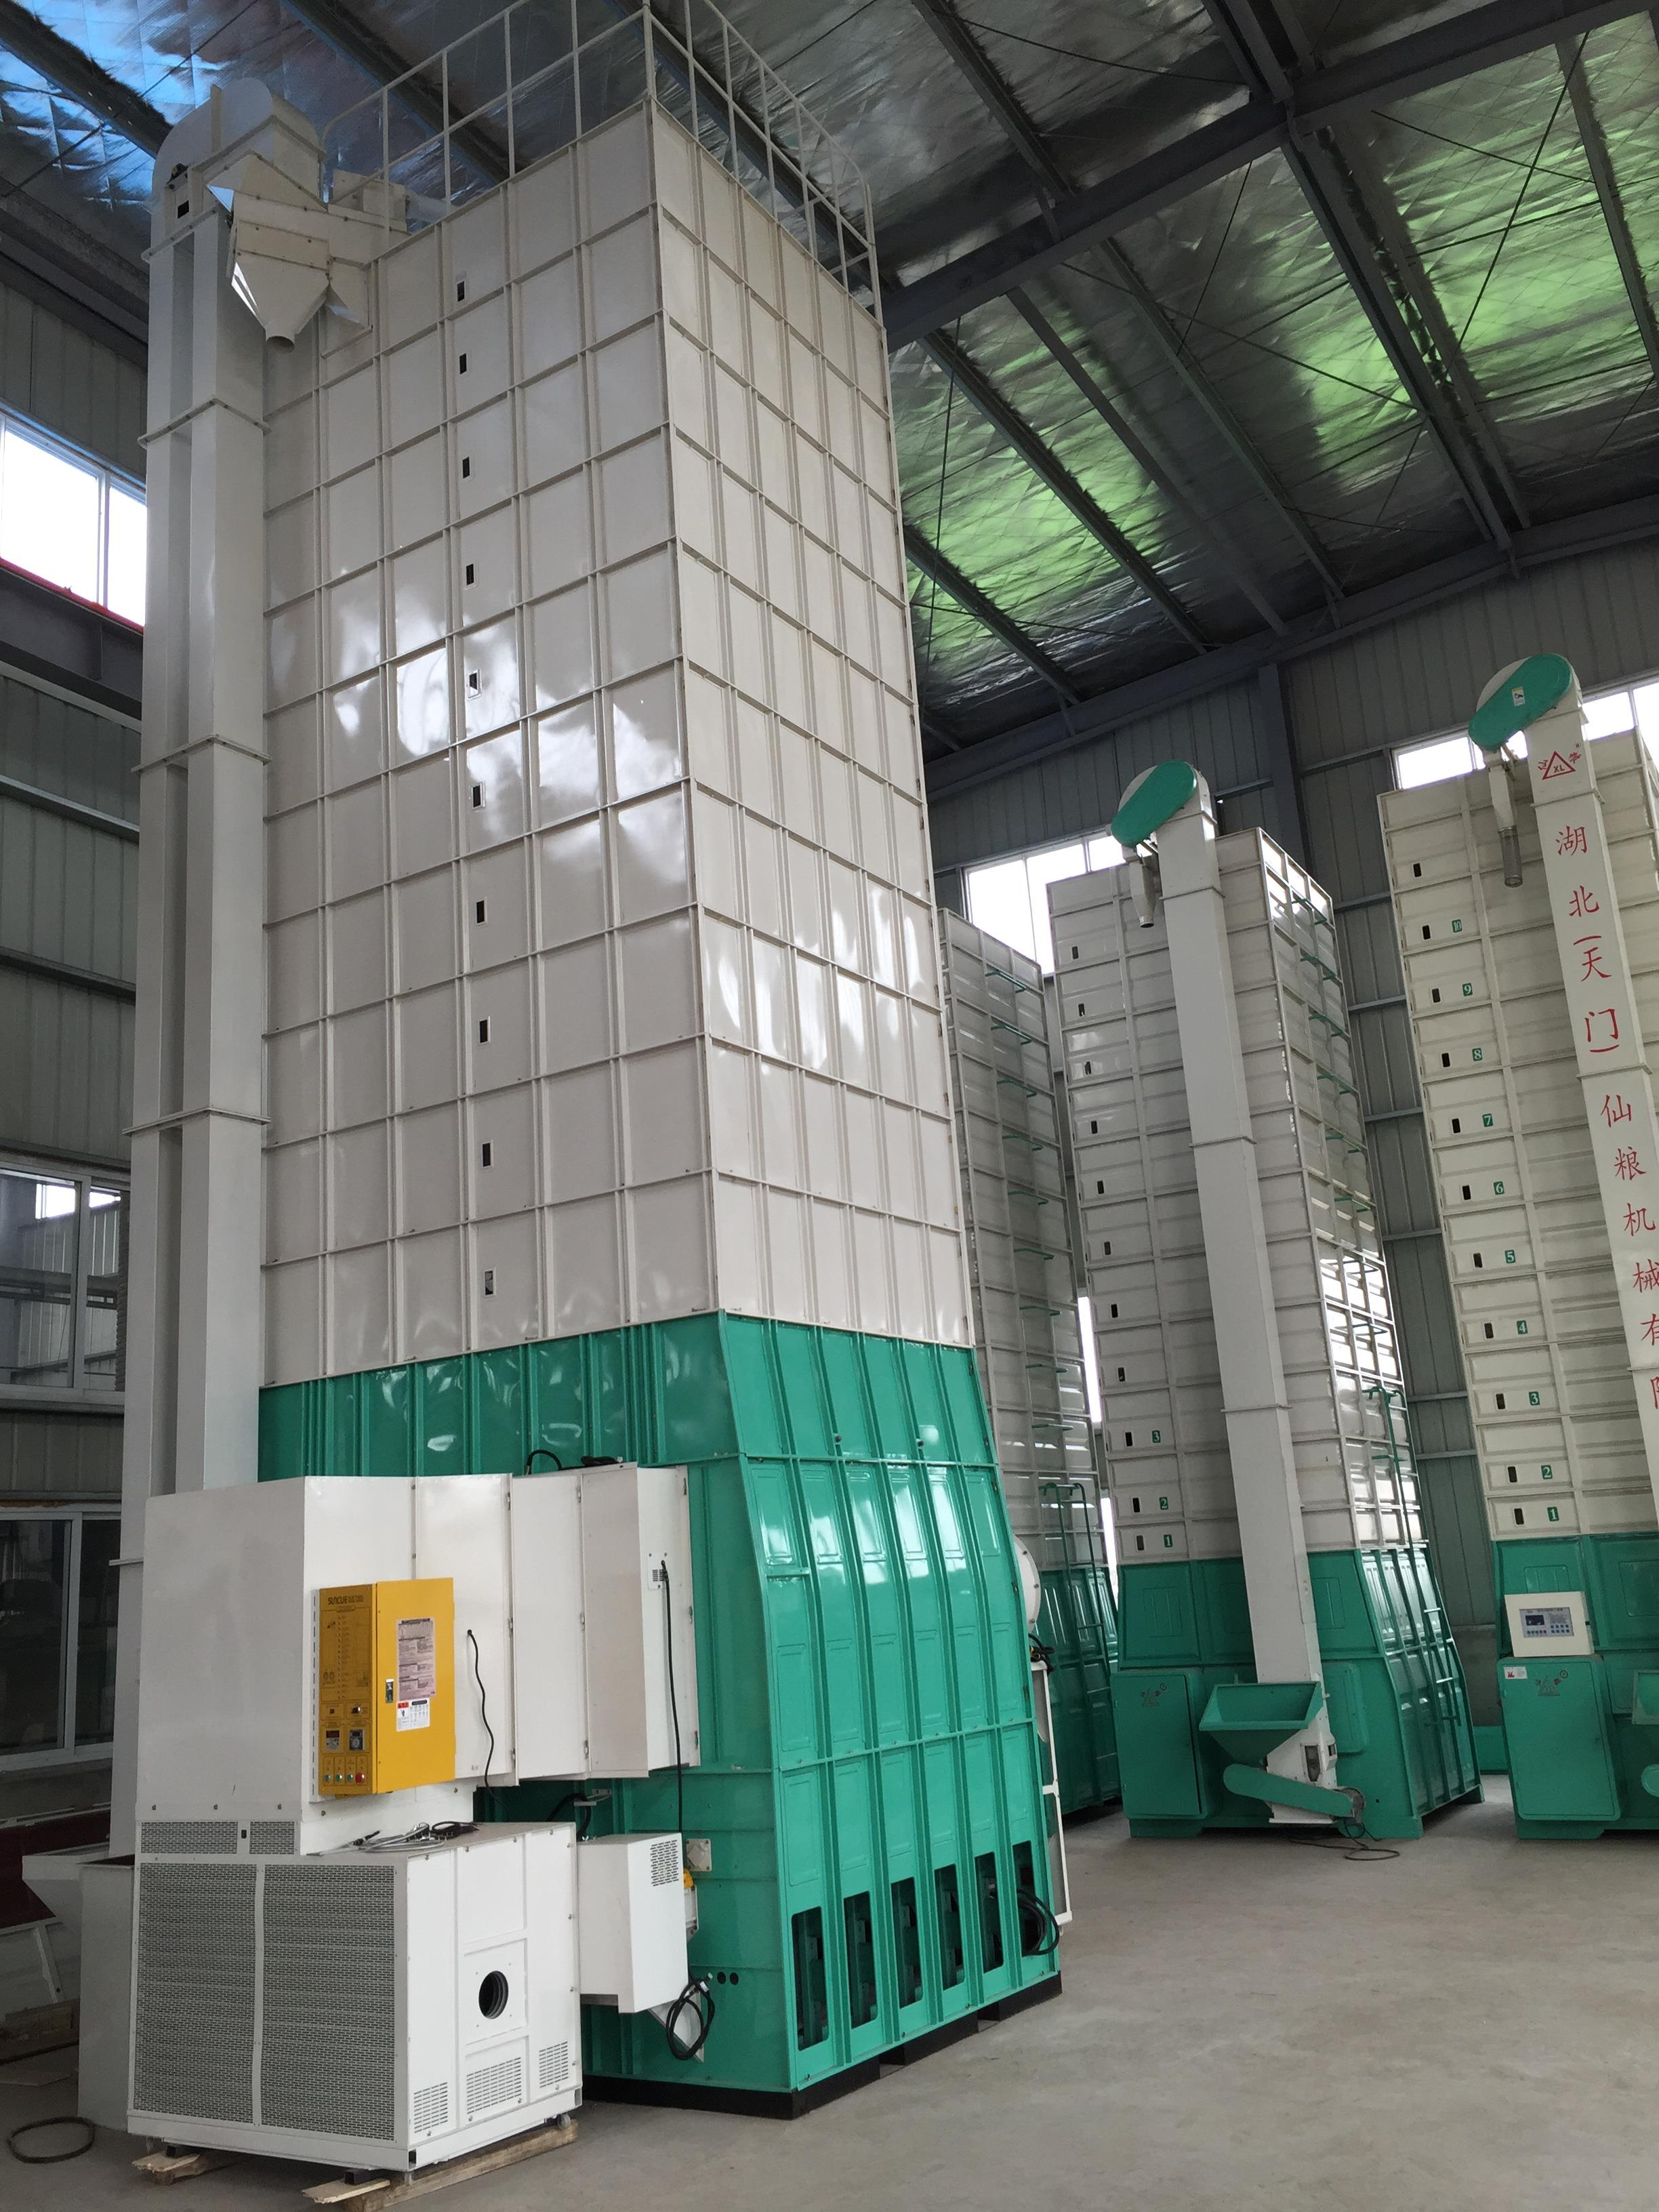 Máy sấy lúa 15-200 tấn / lô hinh anh 1